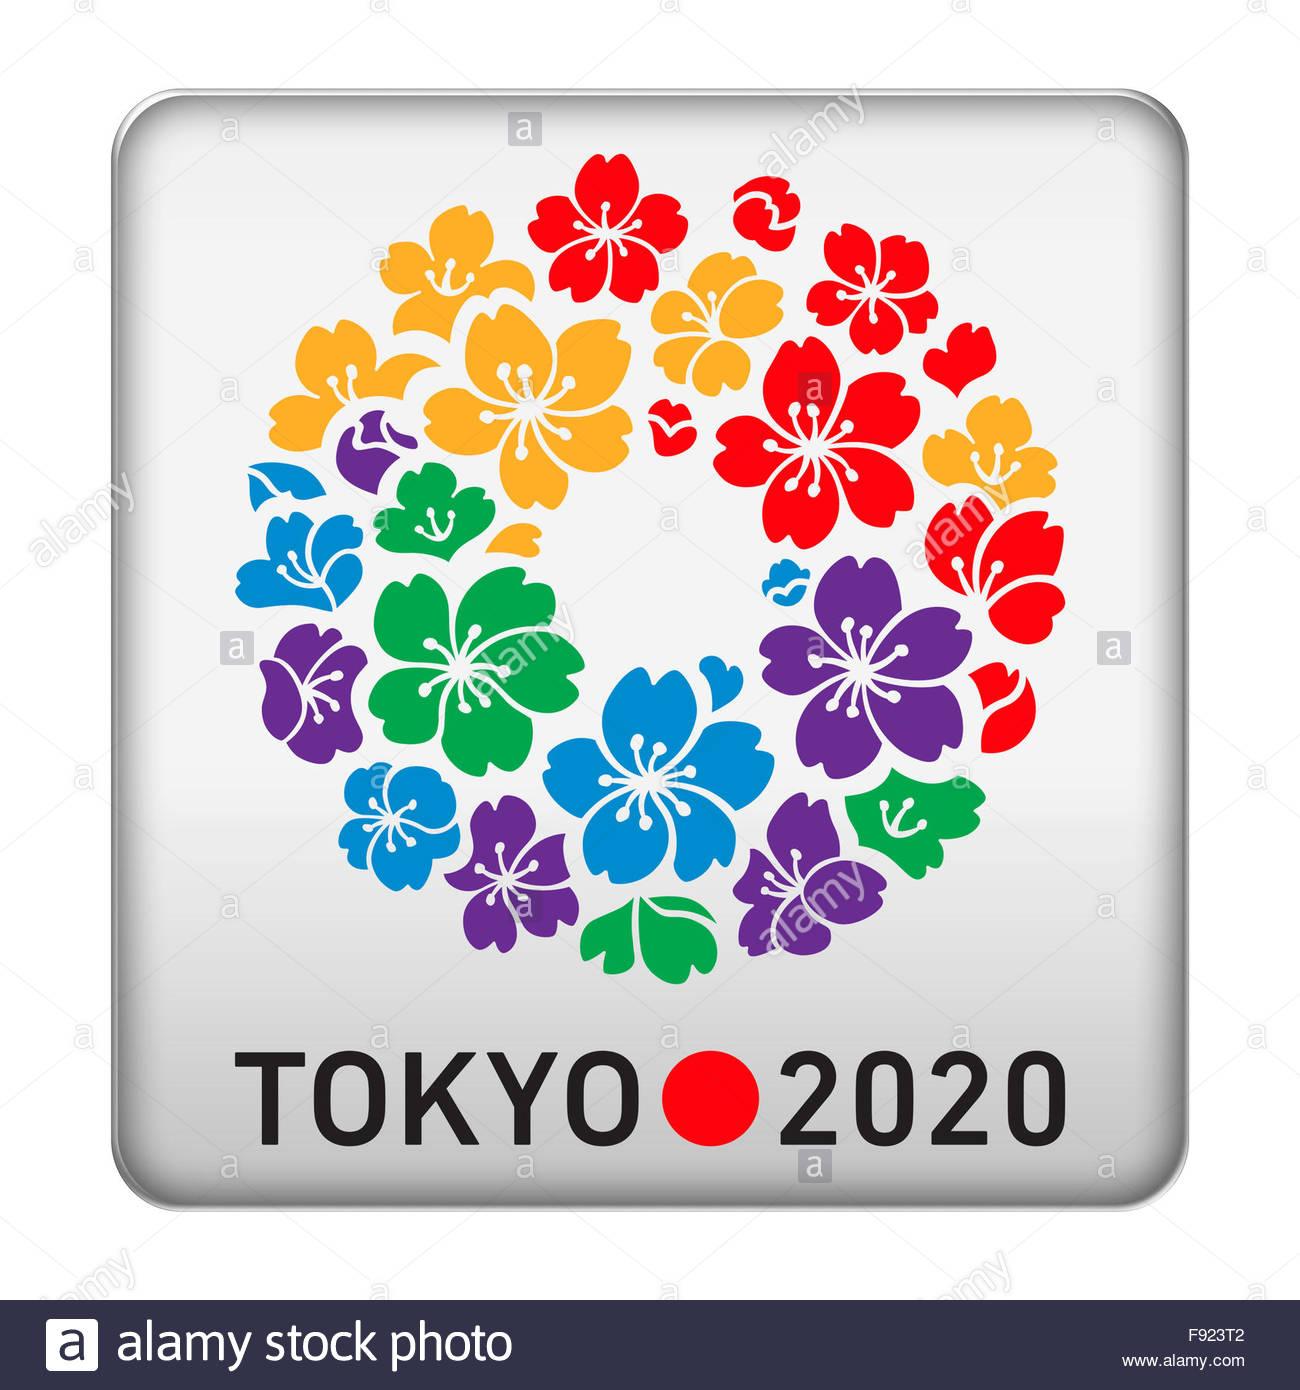 Los Juegos Olimpicos De Tokio 2020 Logotipo Icono Foto Imagen De